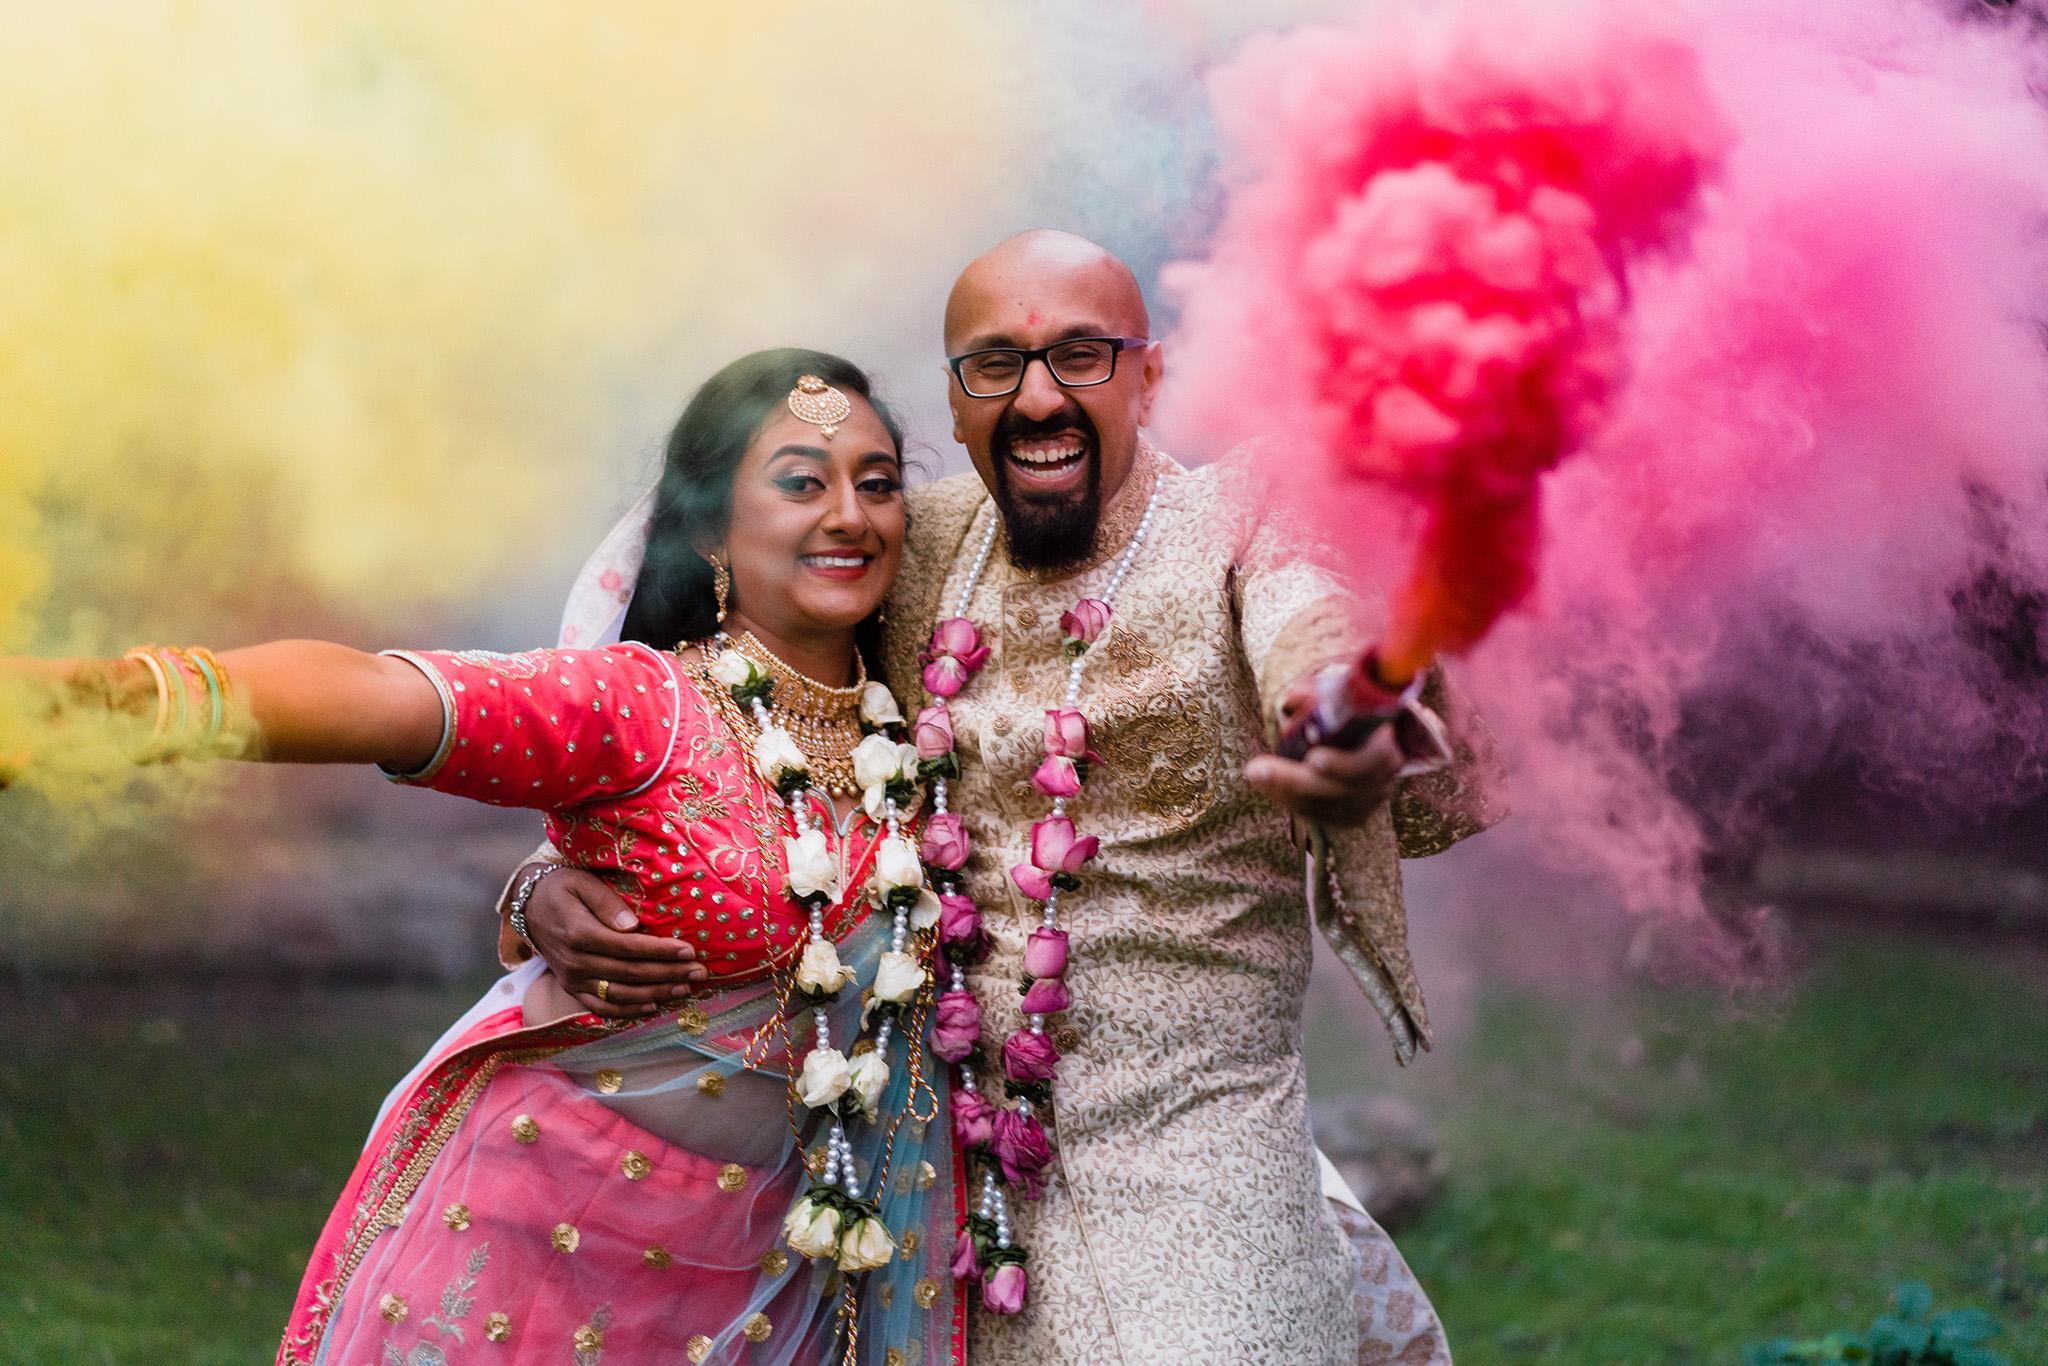 celebratory wedding photo